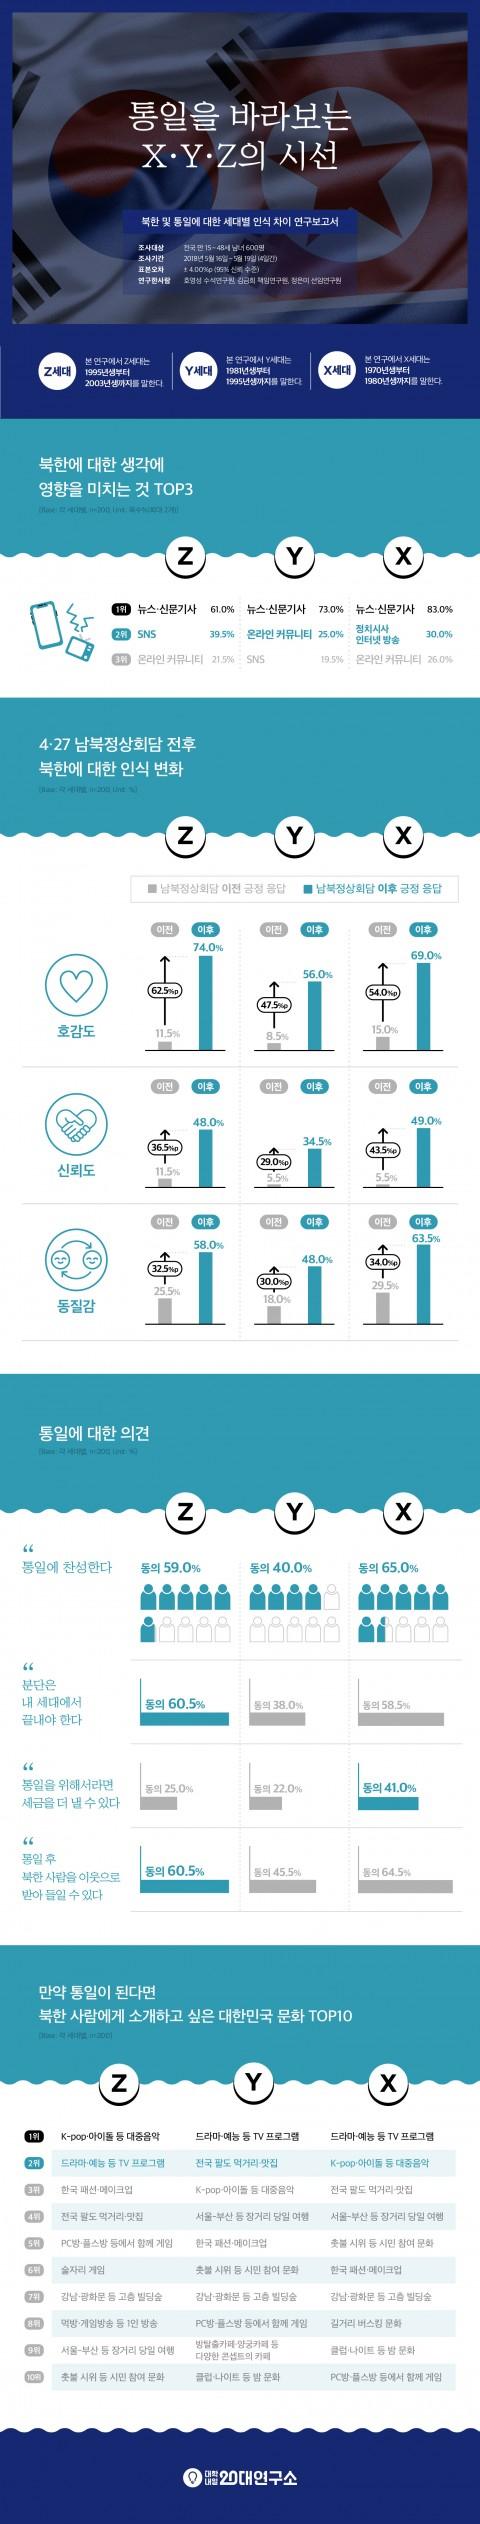 대학내일20대연구소, 북한 및 통일에 대한 세대별 인식 차이 연구 보고서 발표